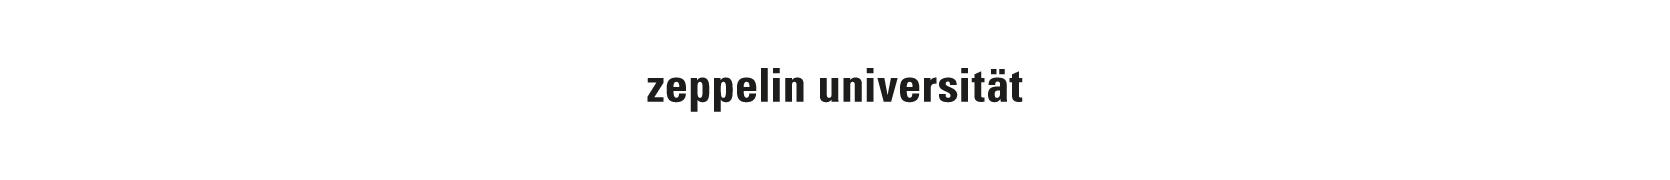 Zeppelin Universität.png